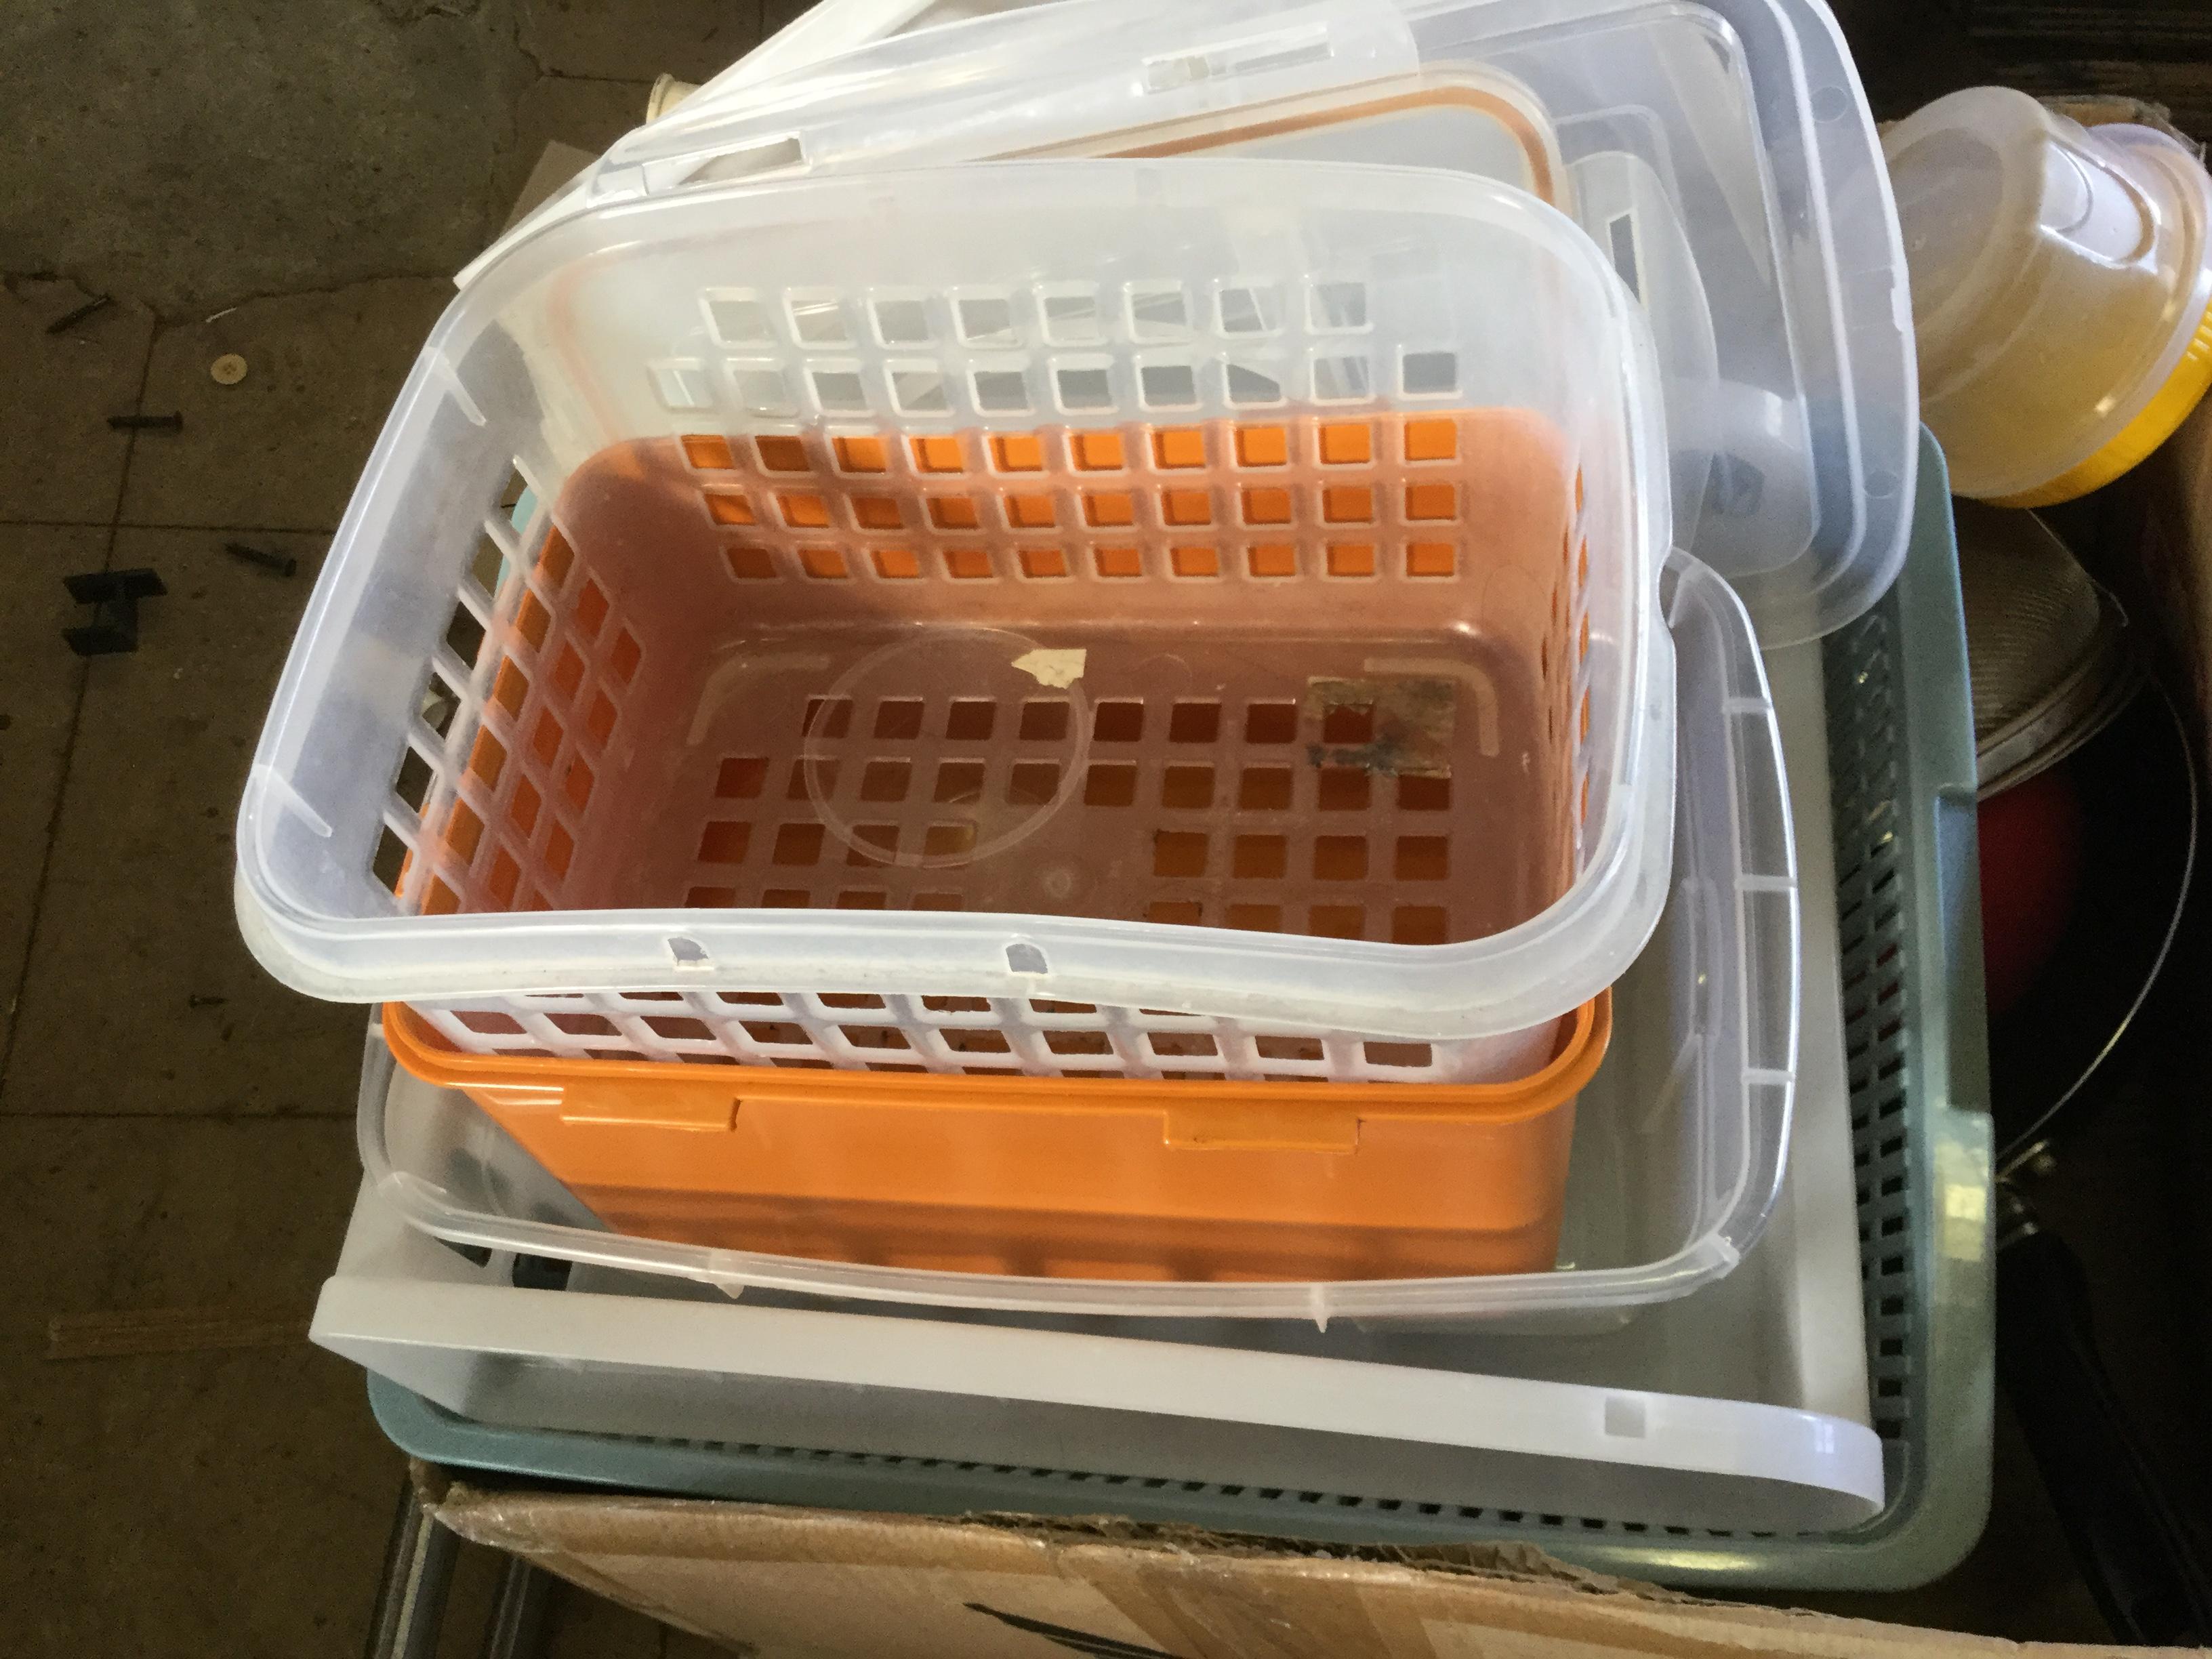 岡山市で不用品回収・処分したプラスチック